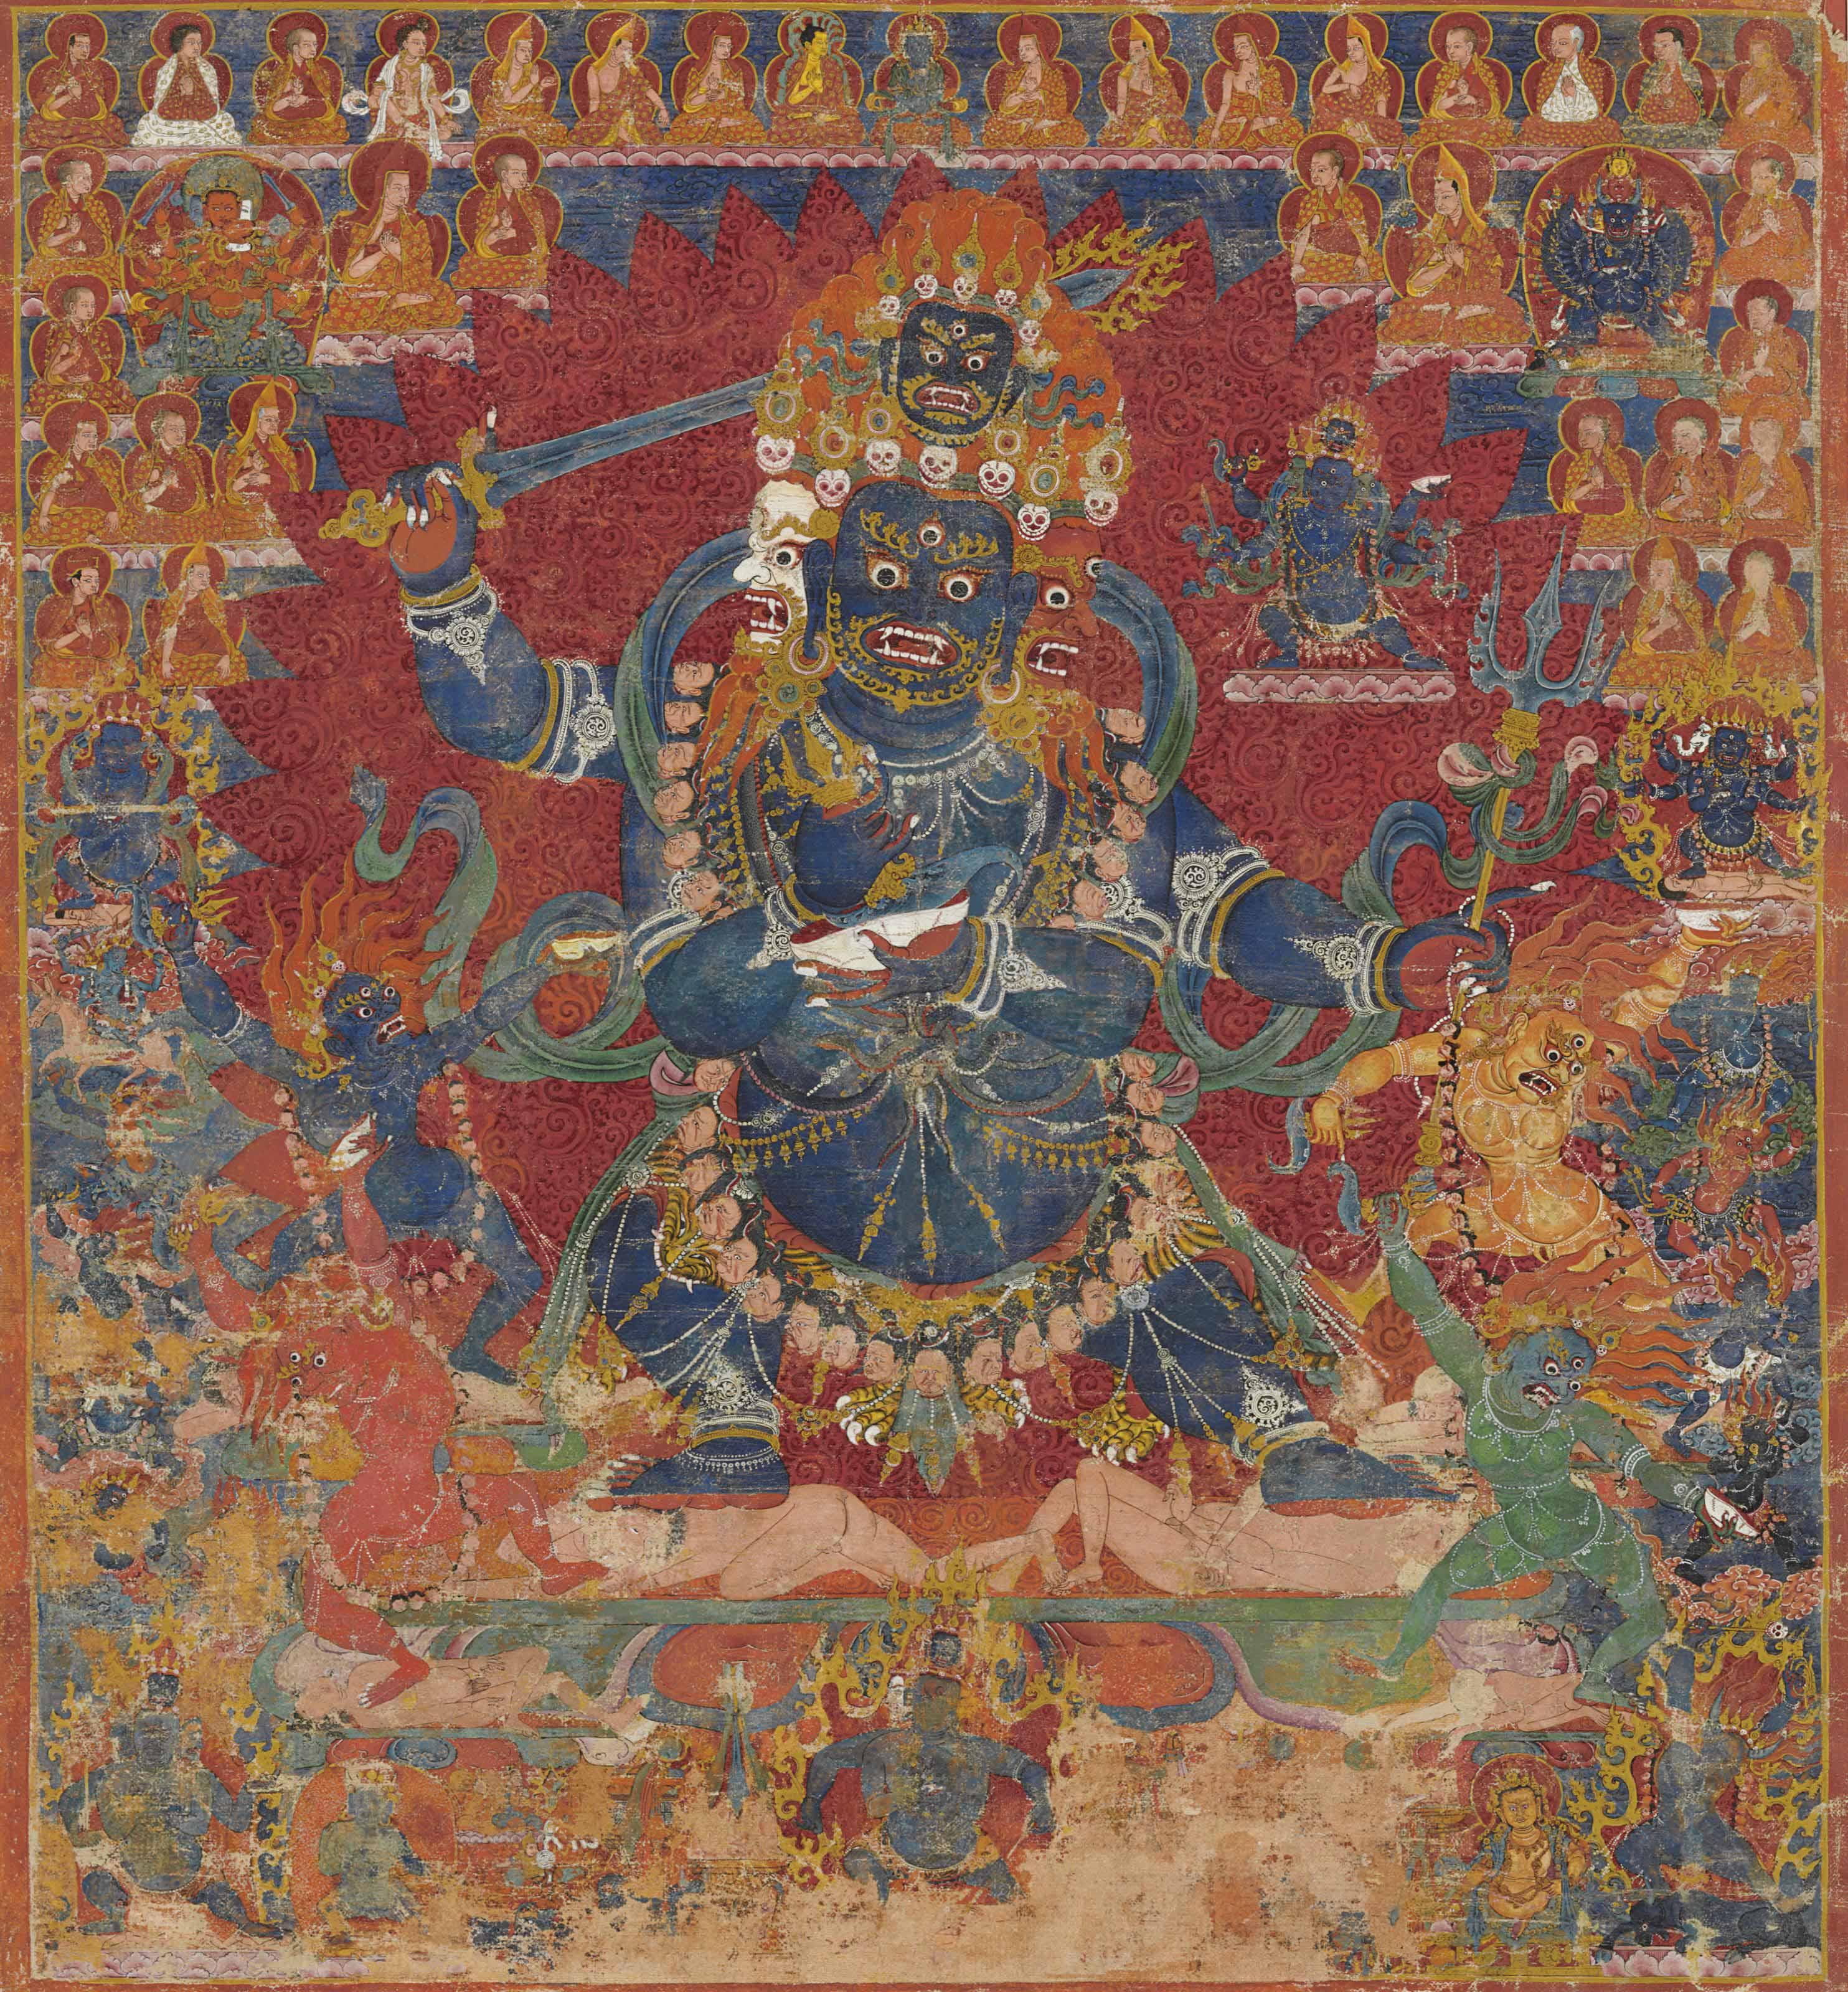 A thangka of Chaturmukha Mahakala